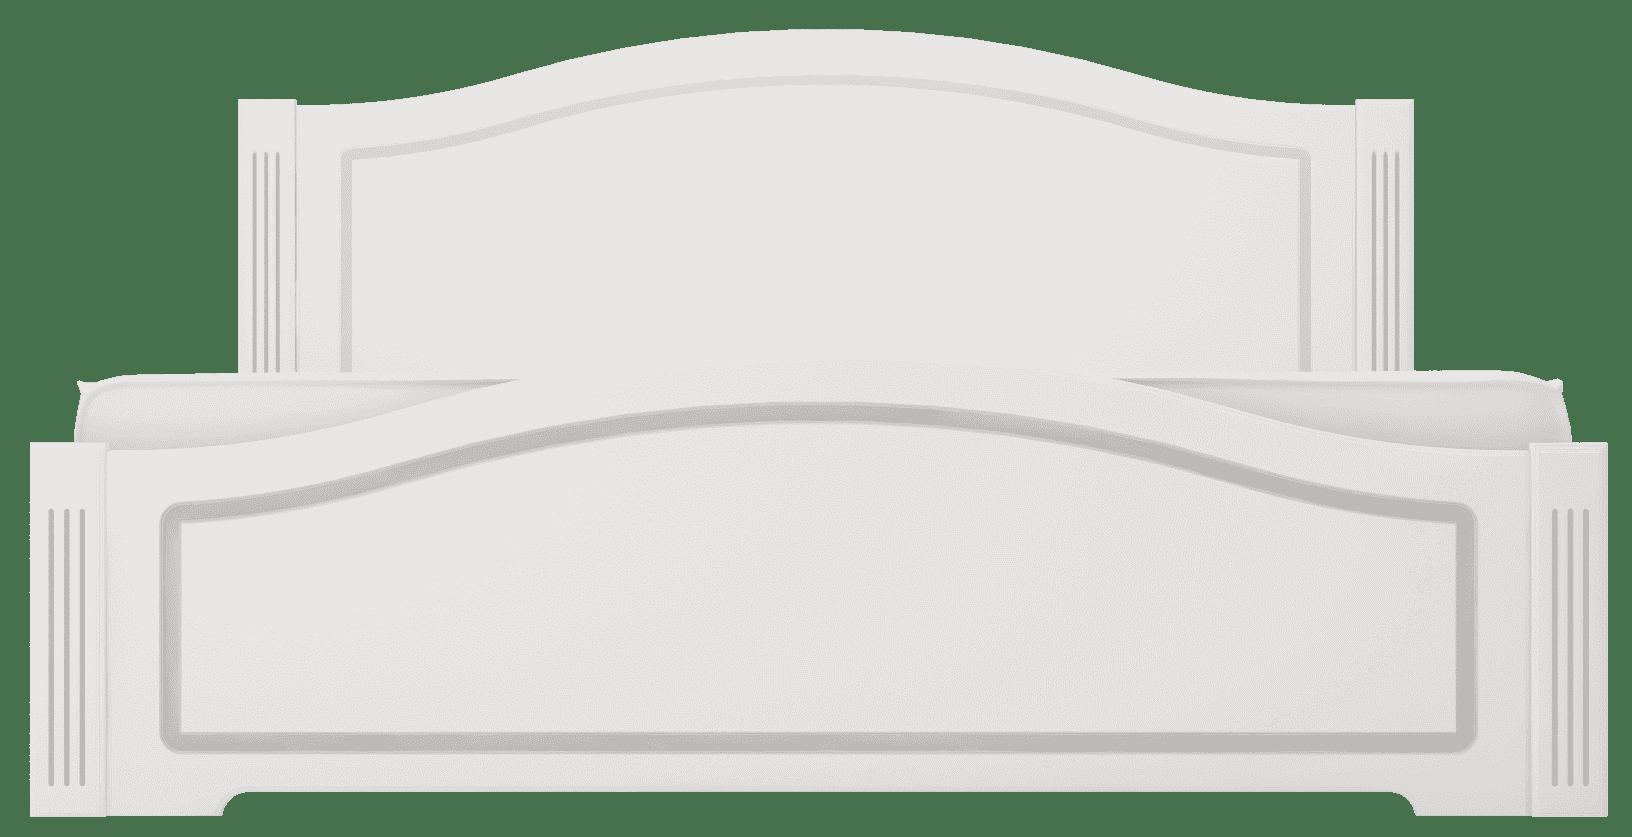 """Спальня Виктория (комплект 2) """"Ижмебель"""" - фото 21 Виктория кровать 140*200 см с латами, без матраса"""